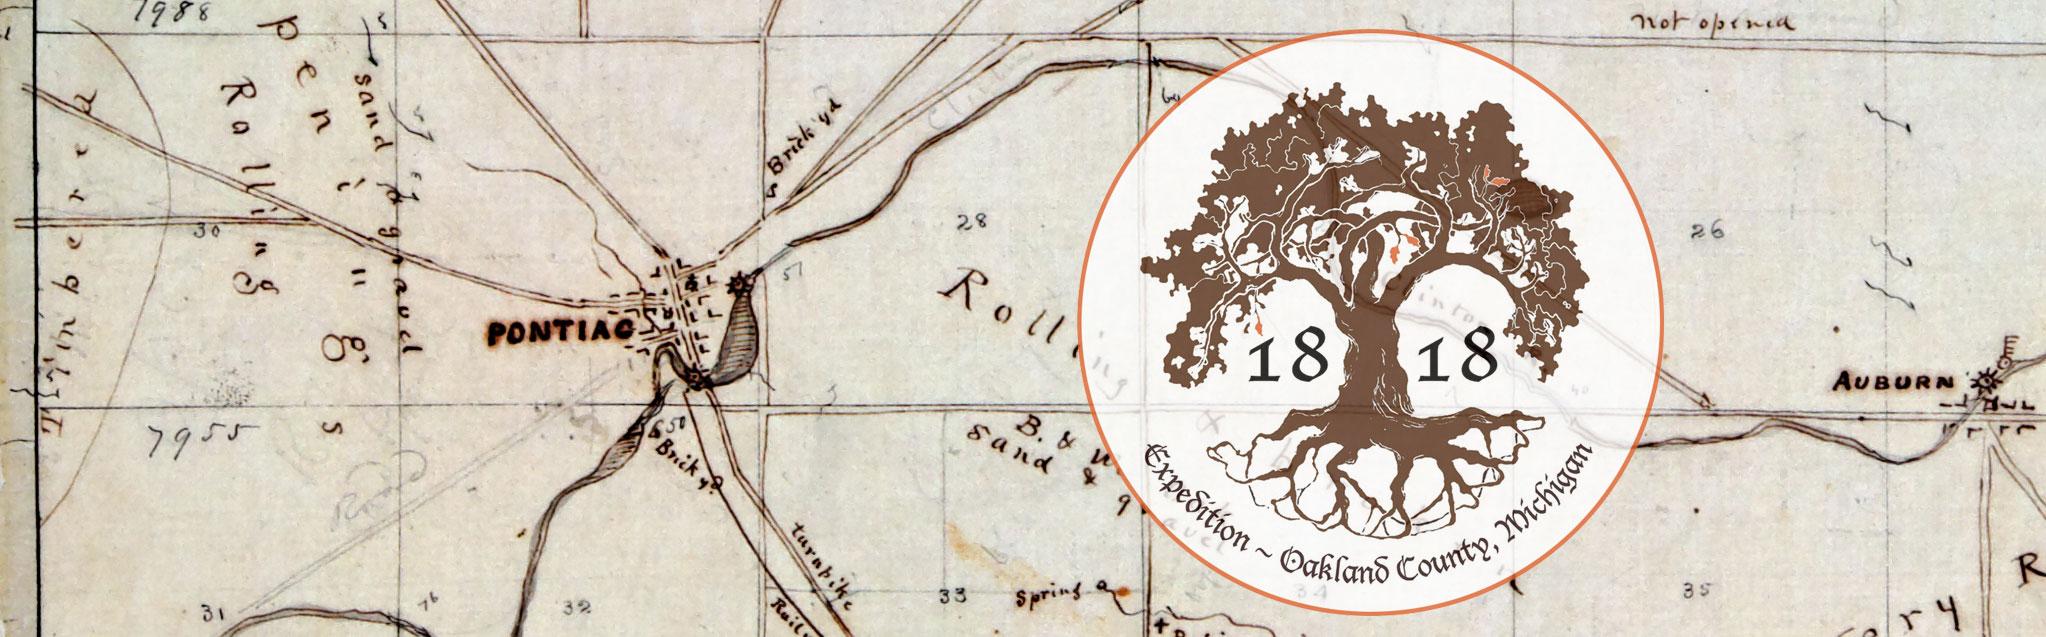 1818 Expedition and the Original Pontiac Plan